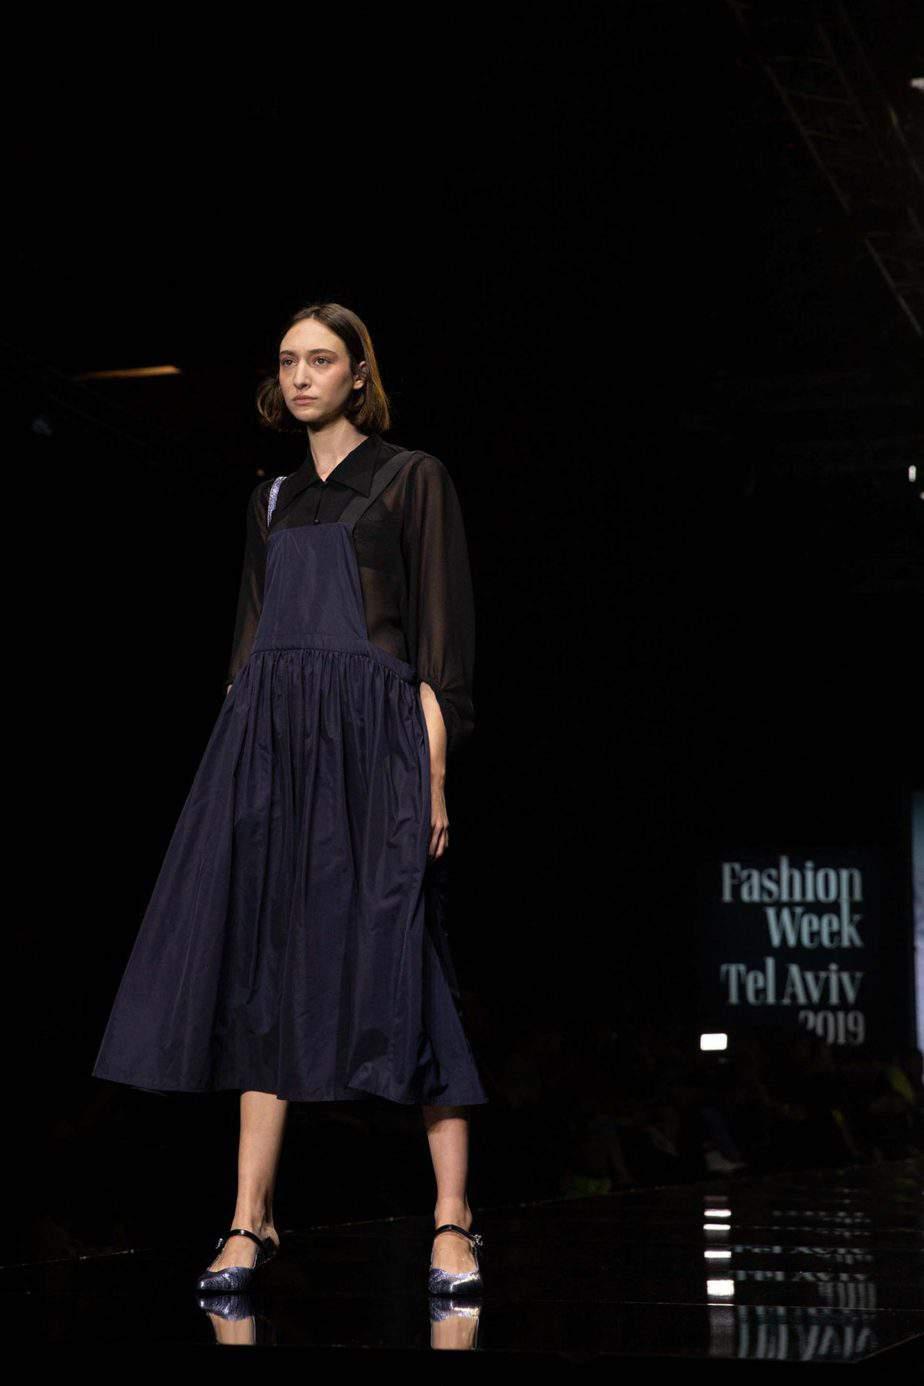 דורין פרקפורט. שבוע האופנה תל אביב 2019. צילום עומר קפלן -12